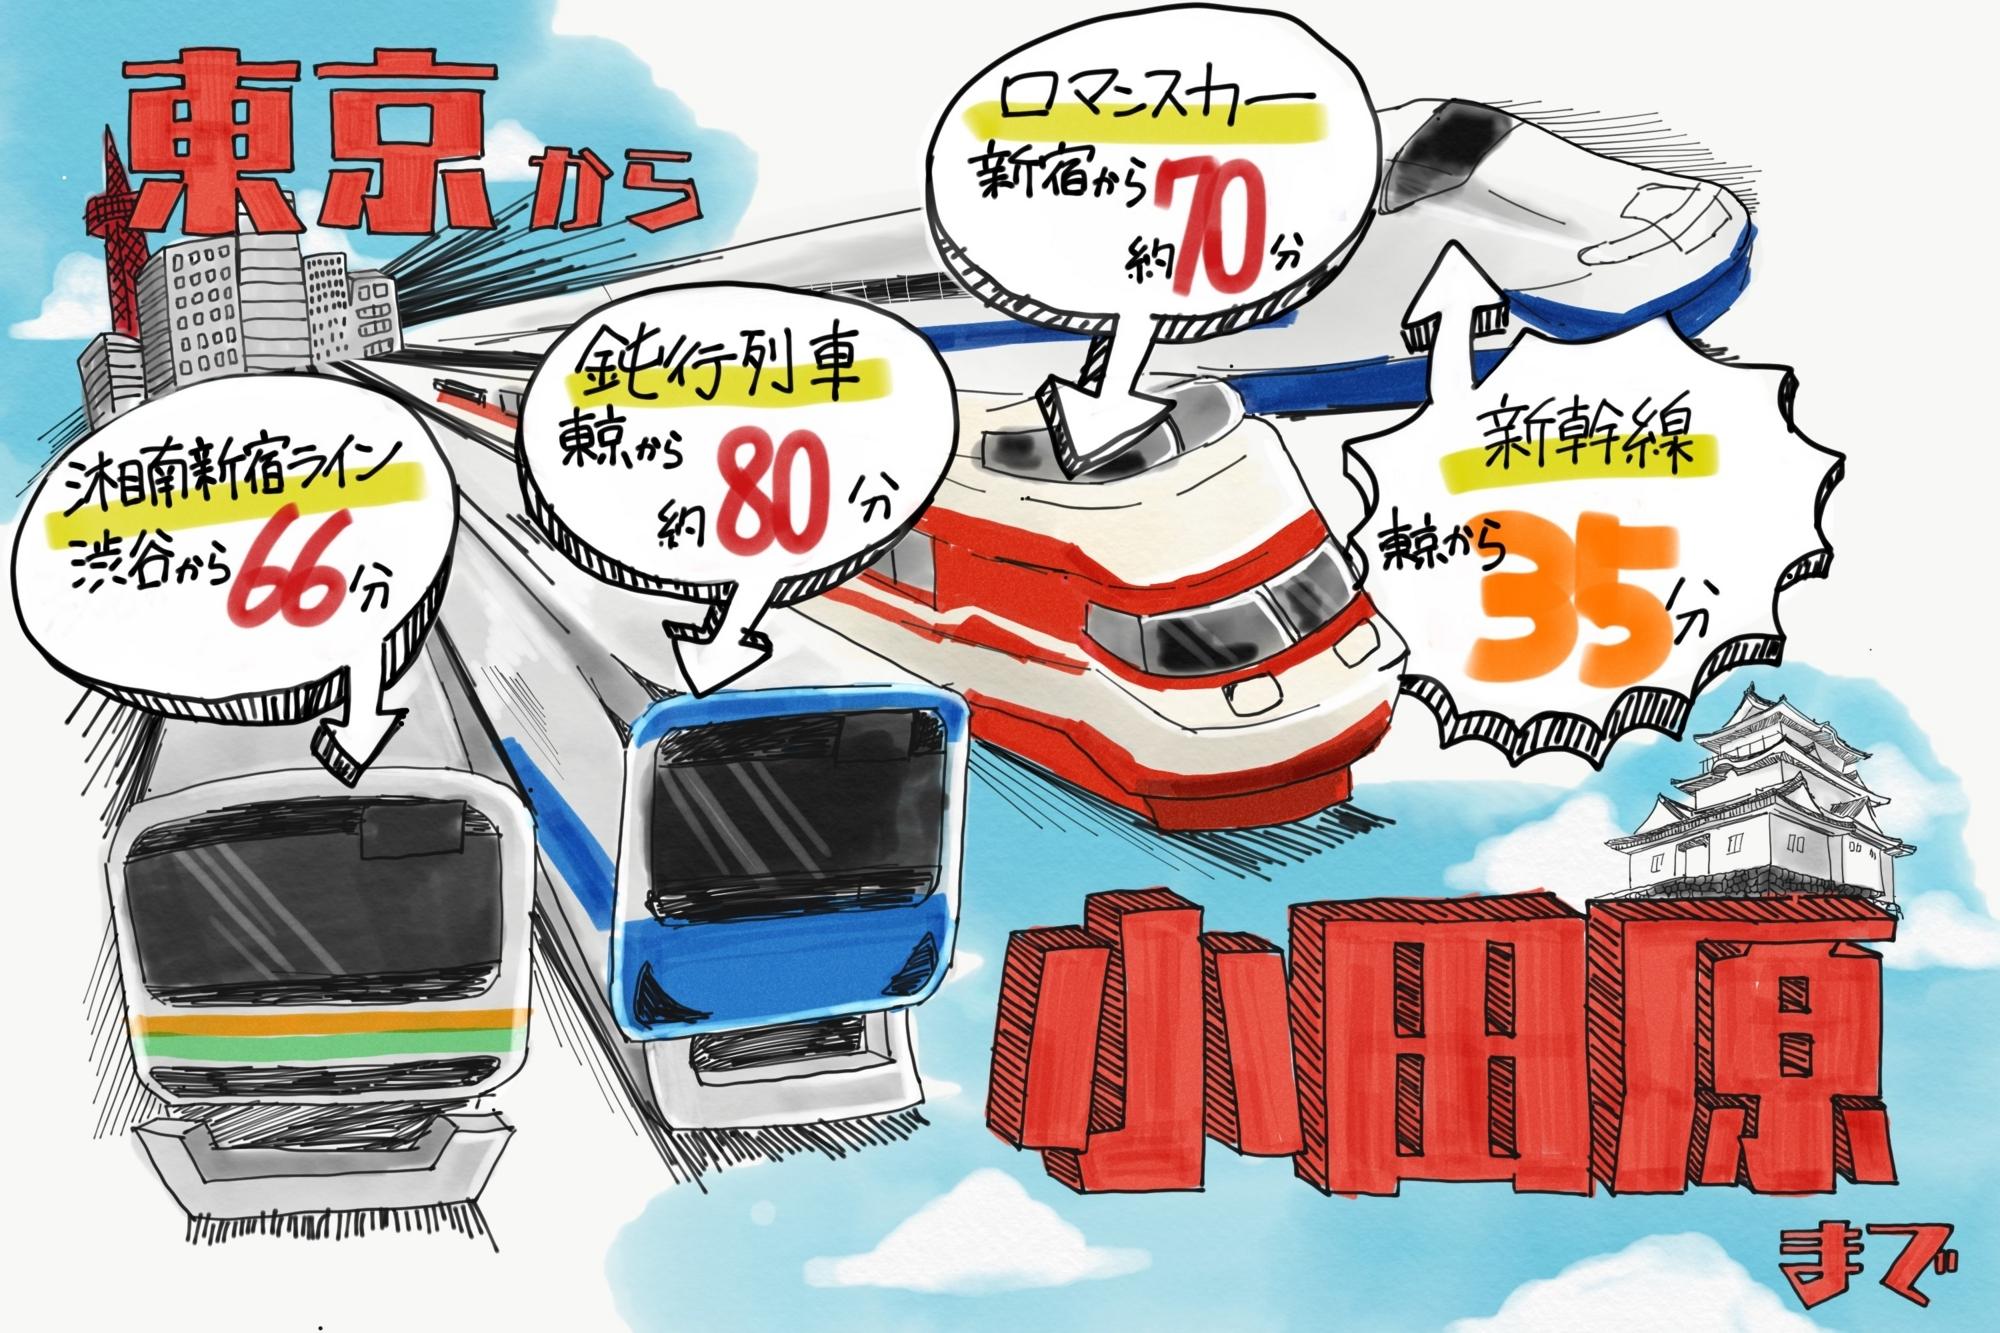 地元にいつか帰りたいですか? 「小田原」、そこは東京から一番近い田舎町 - SUUMOタウン